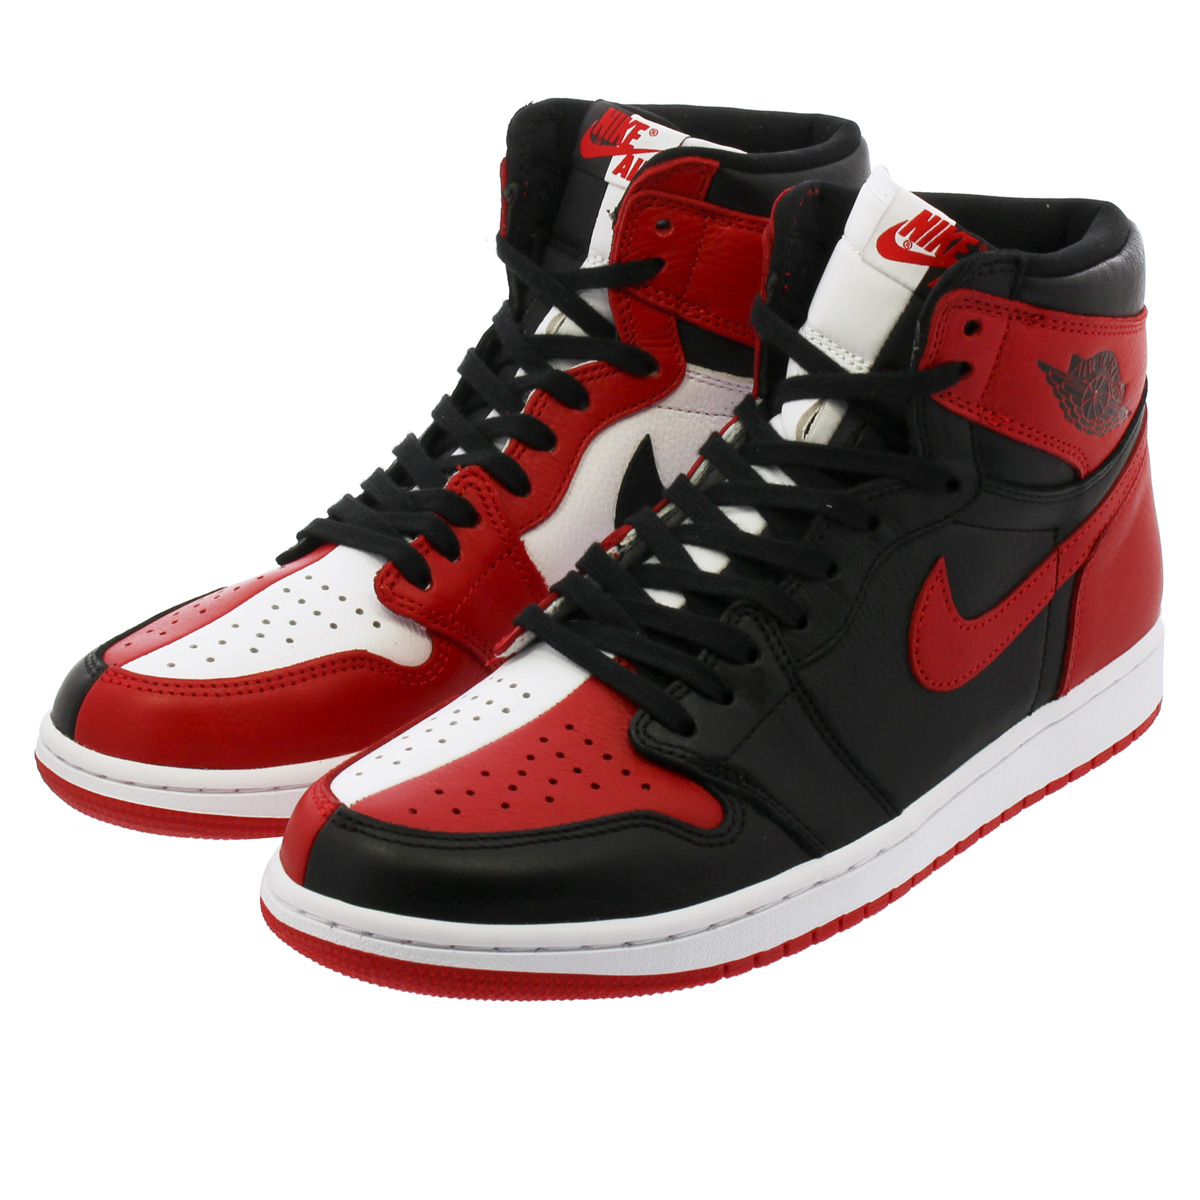 NIKE AIR JORDAN 1 RETRO HIGH OG Nike Air Jordan 1 nostalgic high OG BLACK  WHITE UNIVERSITY RED 31d1837dc